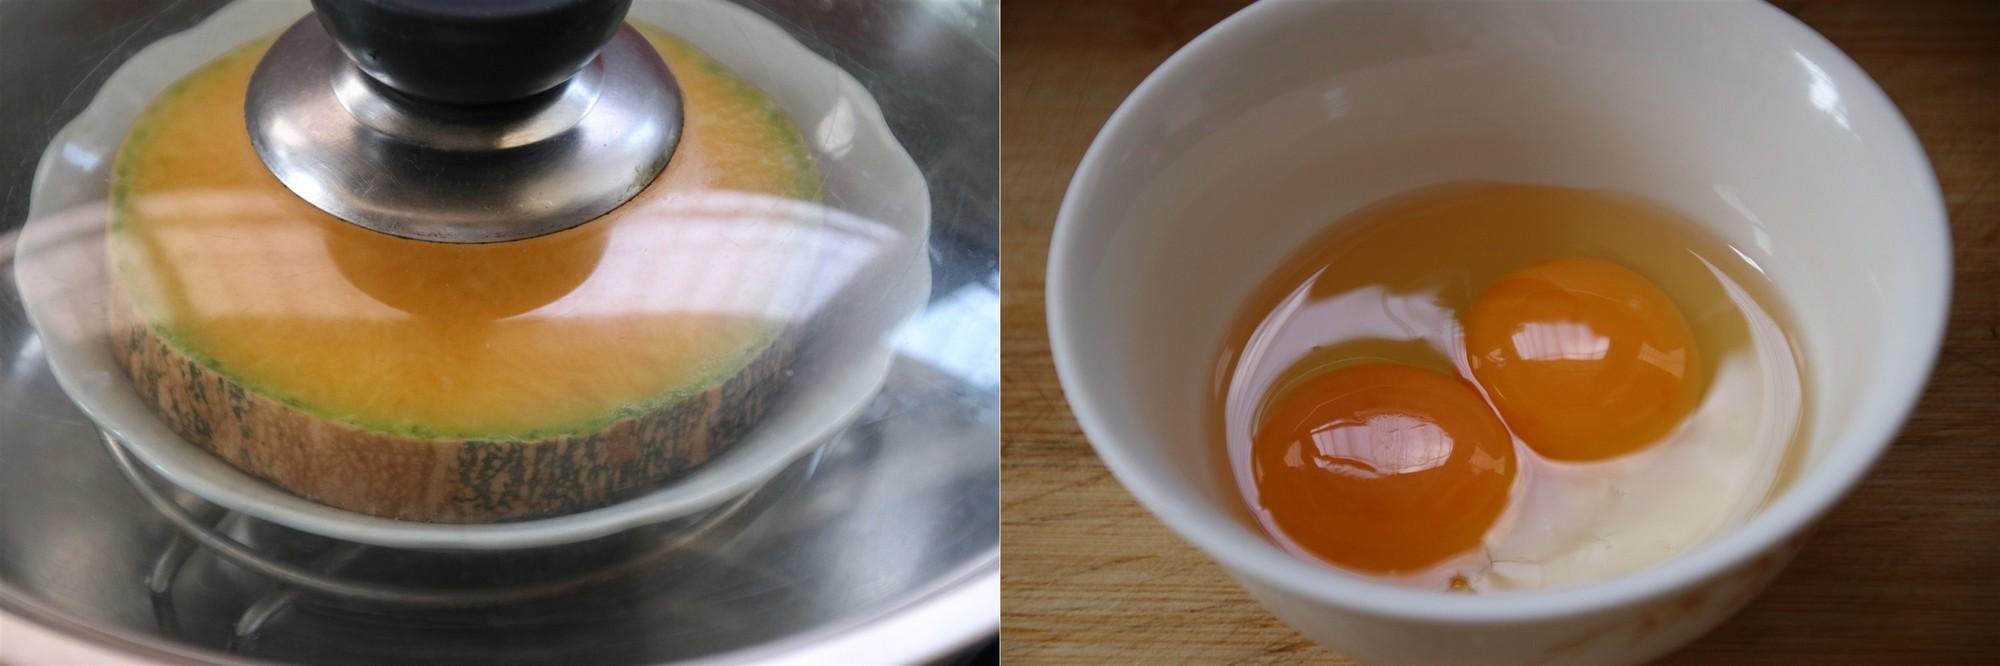 Bé đang ăn dặm không thể bỏ qua món trứng hấp bí đỏ mềm mượt đầy dinh dưỡng